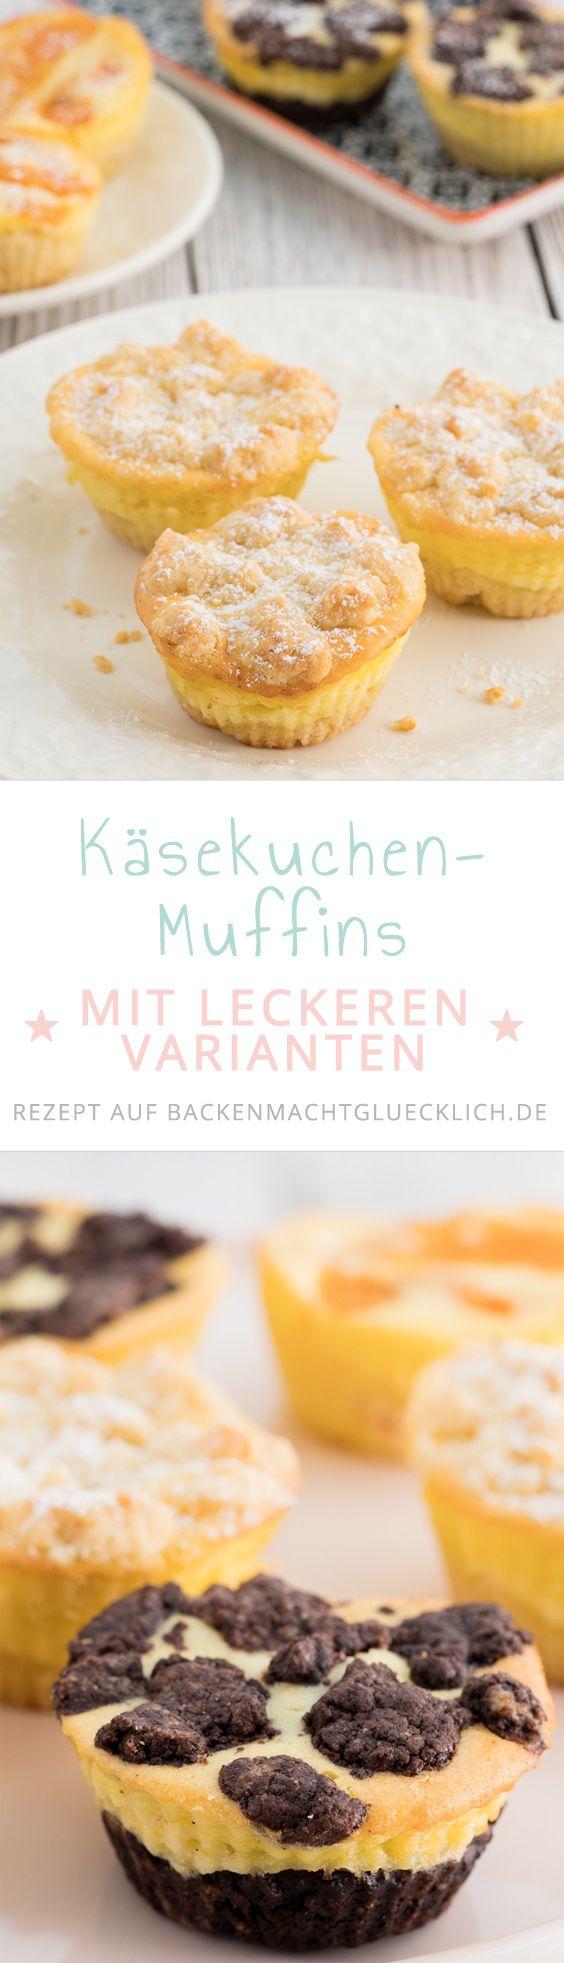 Käsekuchen-Muffins | Rezept | Käsekuchen muffins, Zupfkuchen und ...